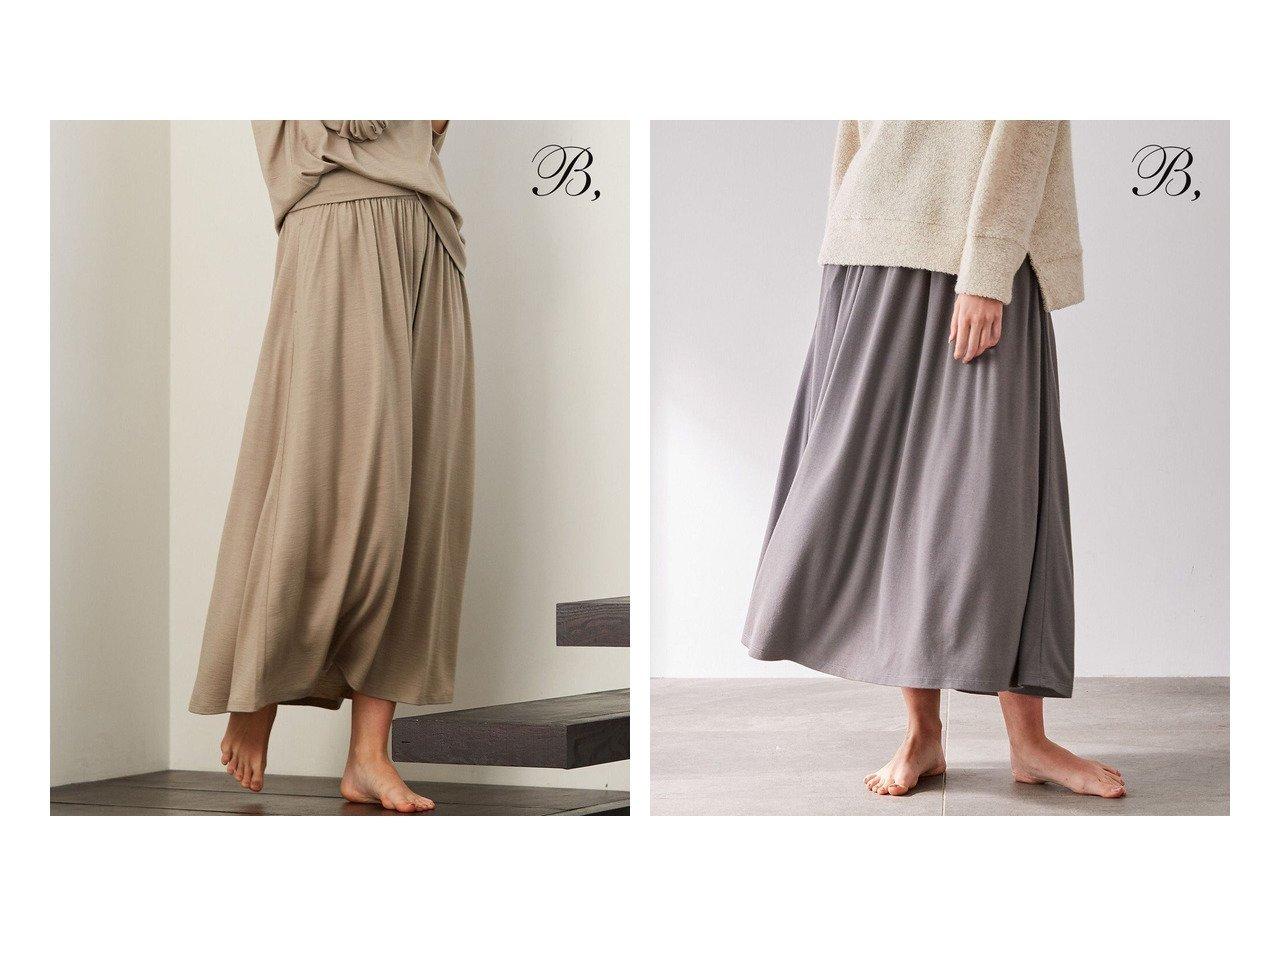 【BEIGE,/ベイジ,】の【B,】 スカート 【スカート】おすすめ!人気、トレンド・レディースファッションの通販 おすすめで人気の流行・トレンド、ファッションの通販商品 インテリア・家具・メンズファッション・キッズファッション・レディースファッション・服の通販 founy(ファニー) https://founy.com/ ファッション Fashion レディースファッション WOMEN スカート Skirt エレガント ギャザー ストレッチ セットアップ フィット ベーシック ポケット ポーチ A/W・秋冬 AW・Autumn/Winter・FW・Fall-Winter 2021年 2021 2021-2022秋冬・A/W AW・Autumn/Winter・FW・Fall-Winter・2021-2022 送料無料 Free Shipping おすすめ Recommend お家時間・ステイホーム Home Time/Stay Home  ID:crp329100000074904